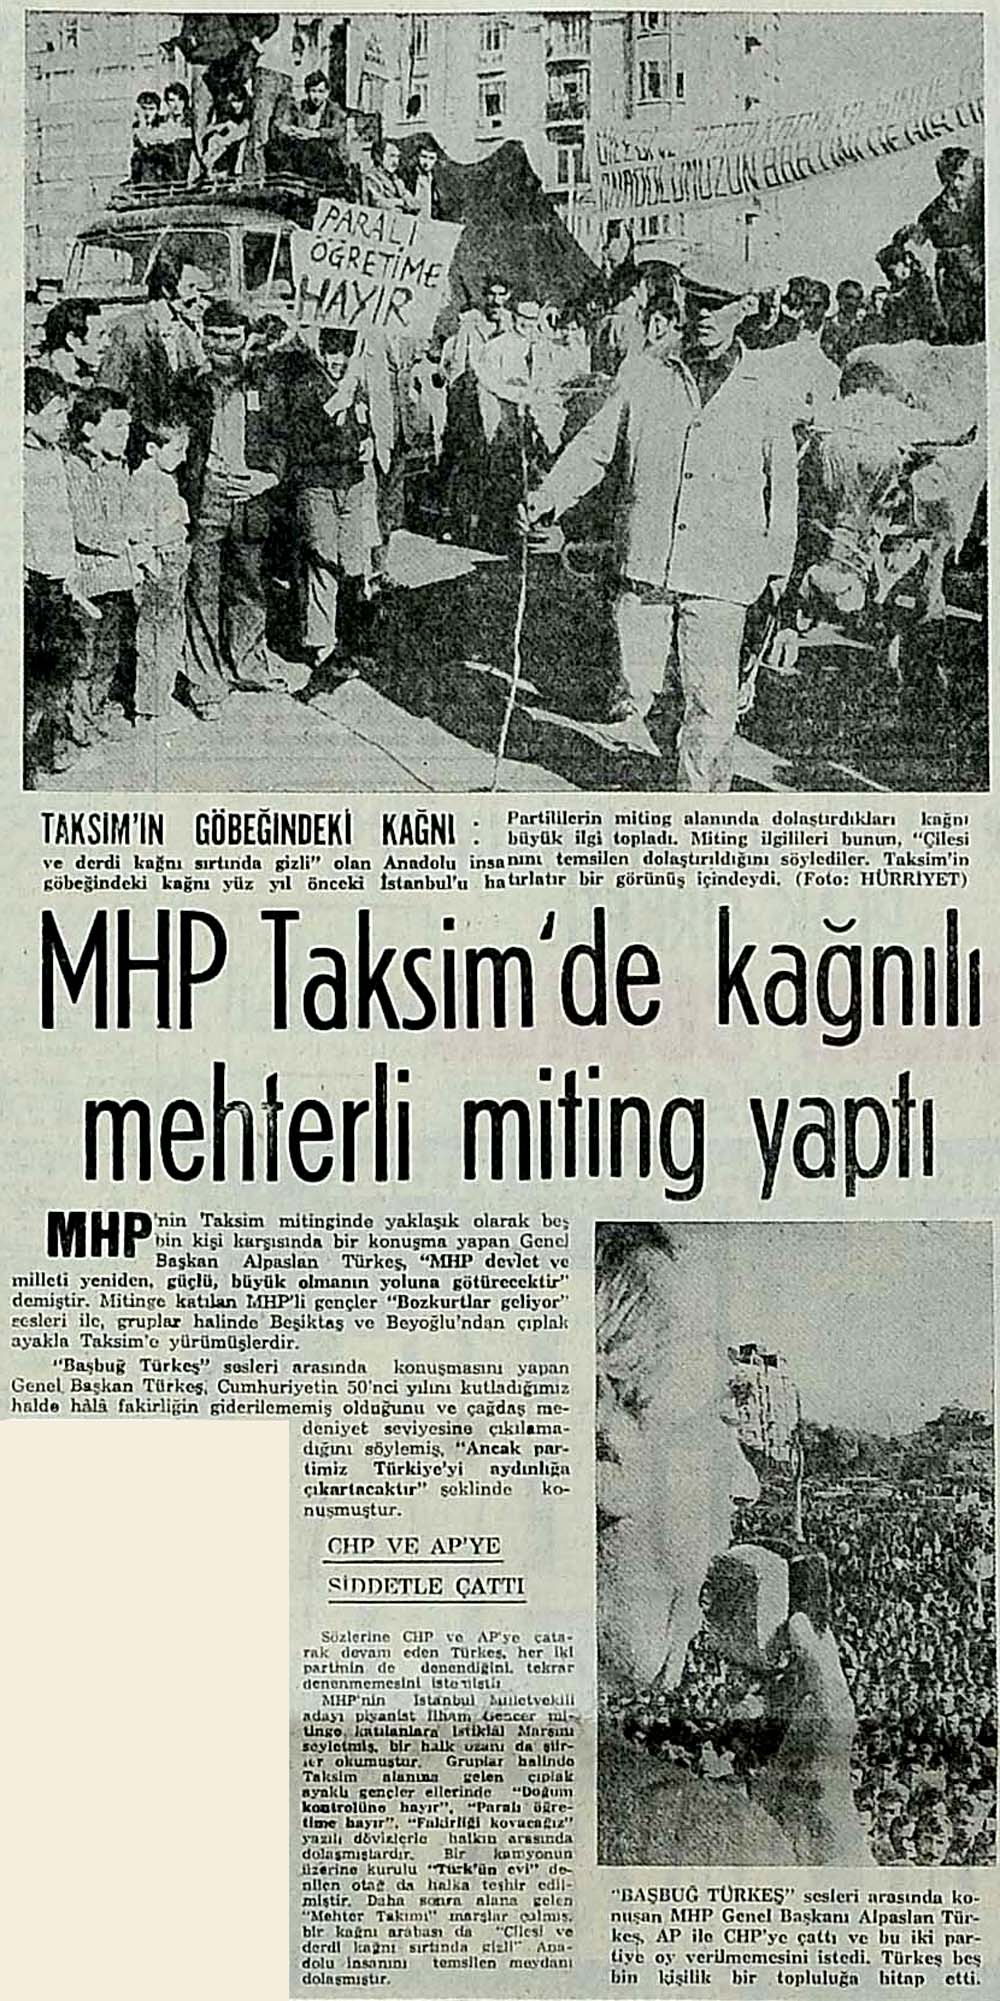 MHP Taksim'de kağnılı mehterli miting yaptı